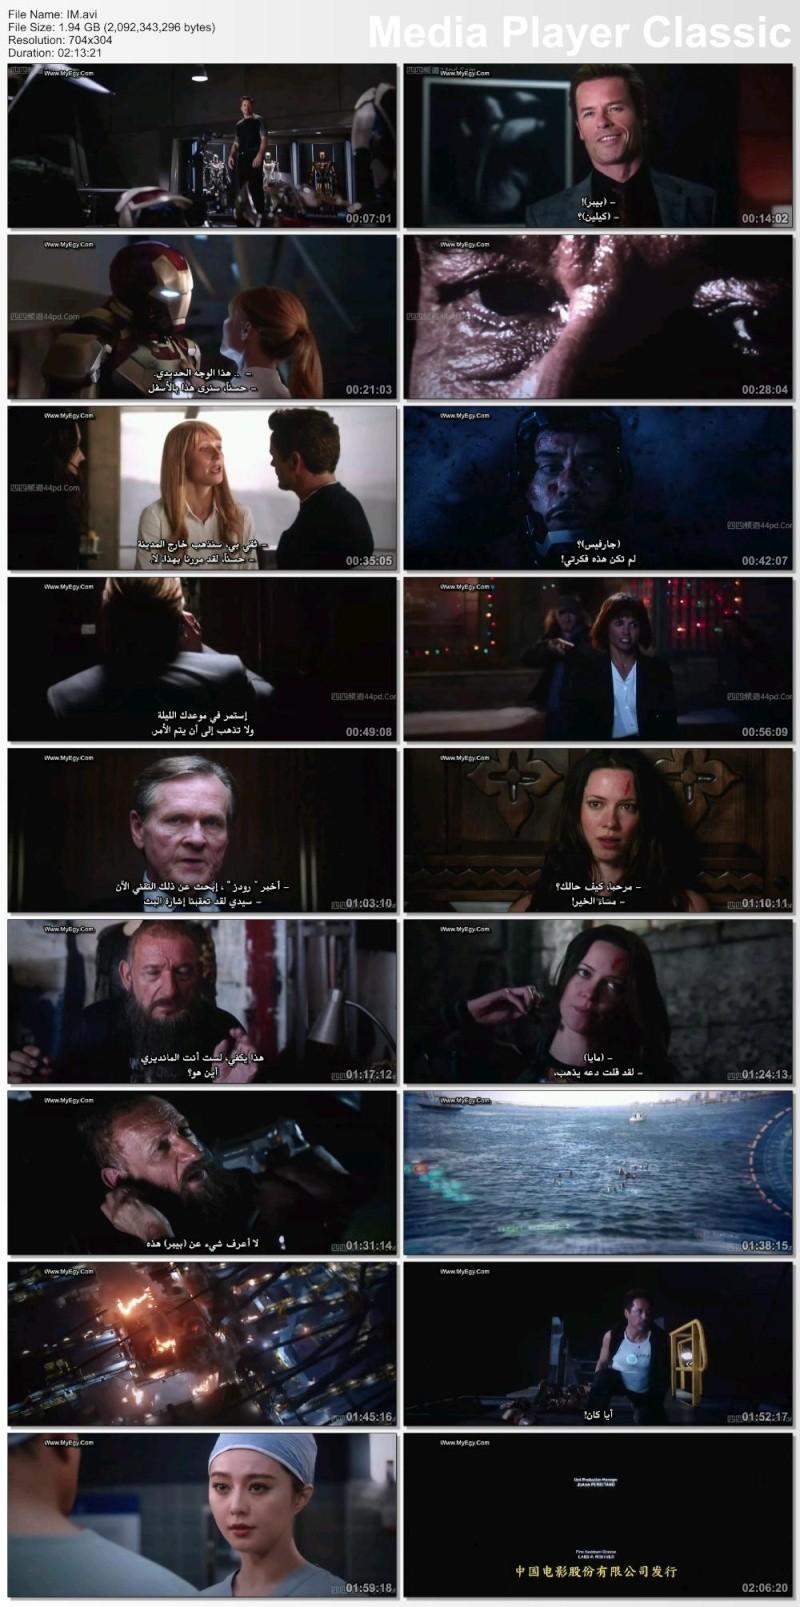 مشاهدة فيلم Iron Man 3   | HD مشاهدة مباشرة 32410